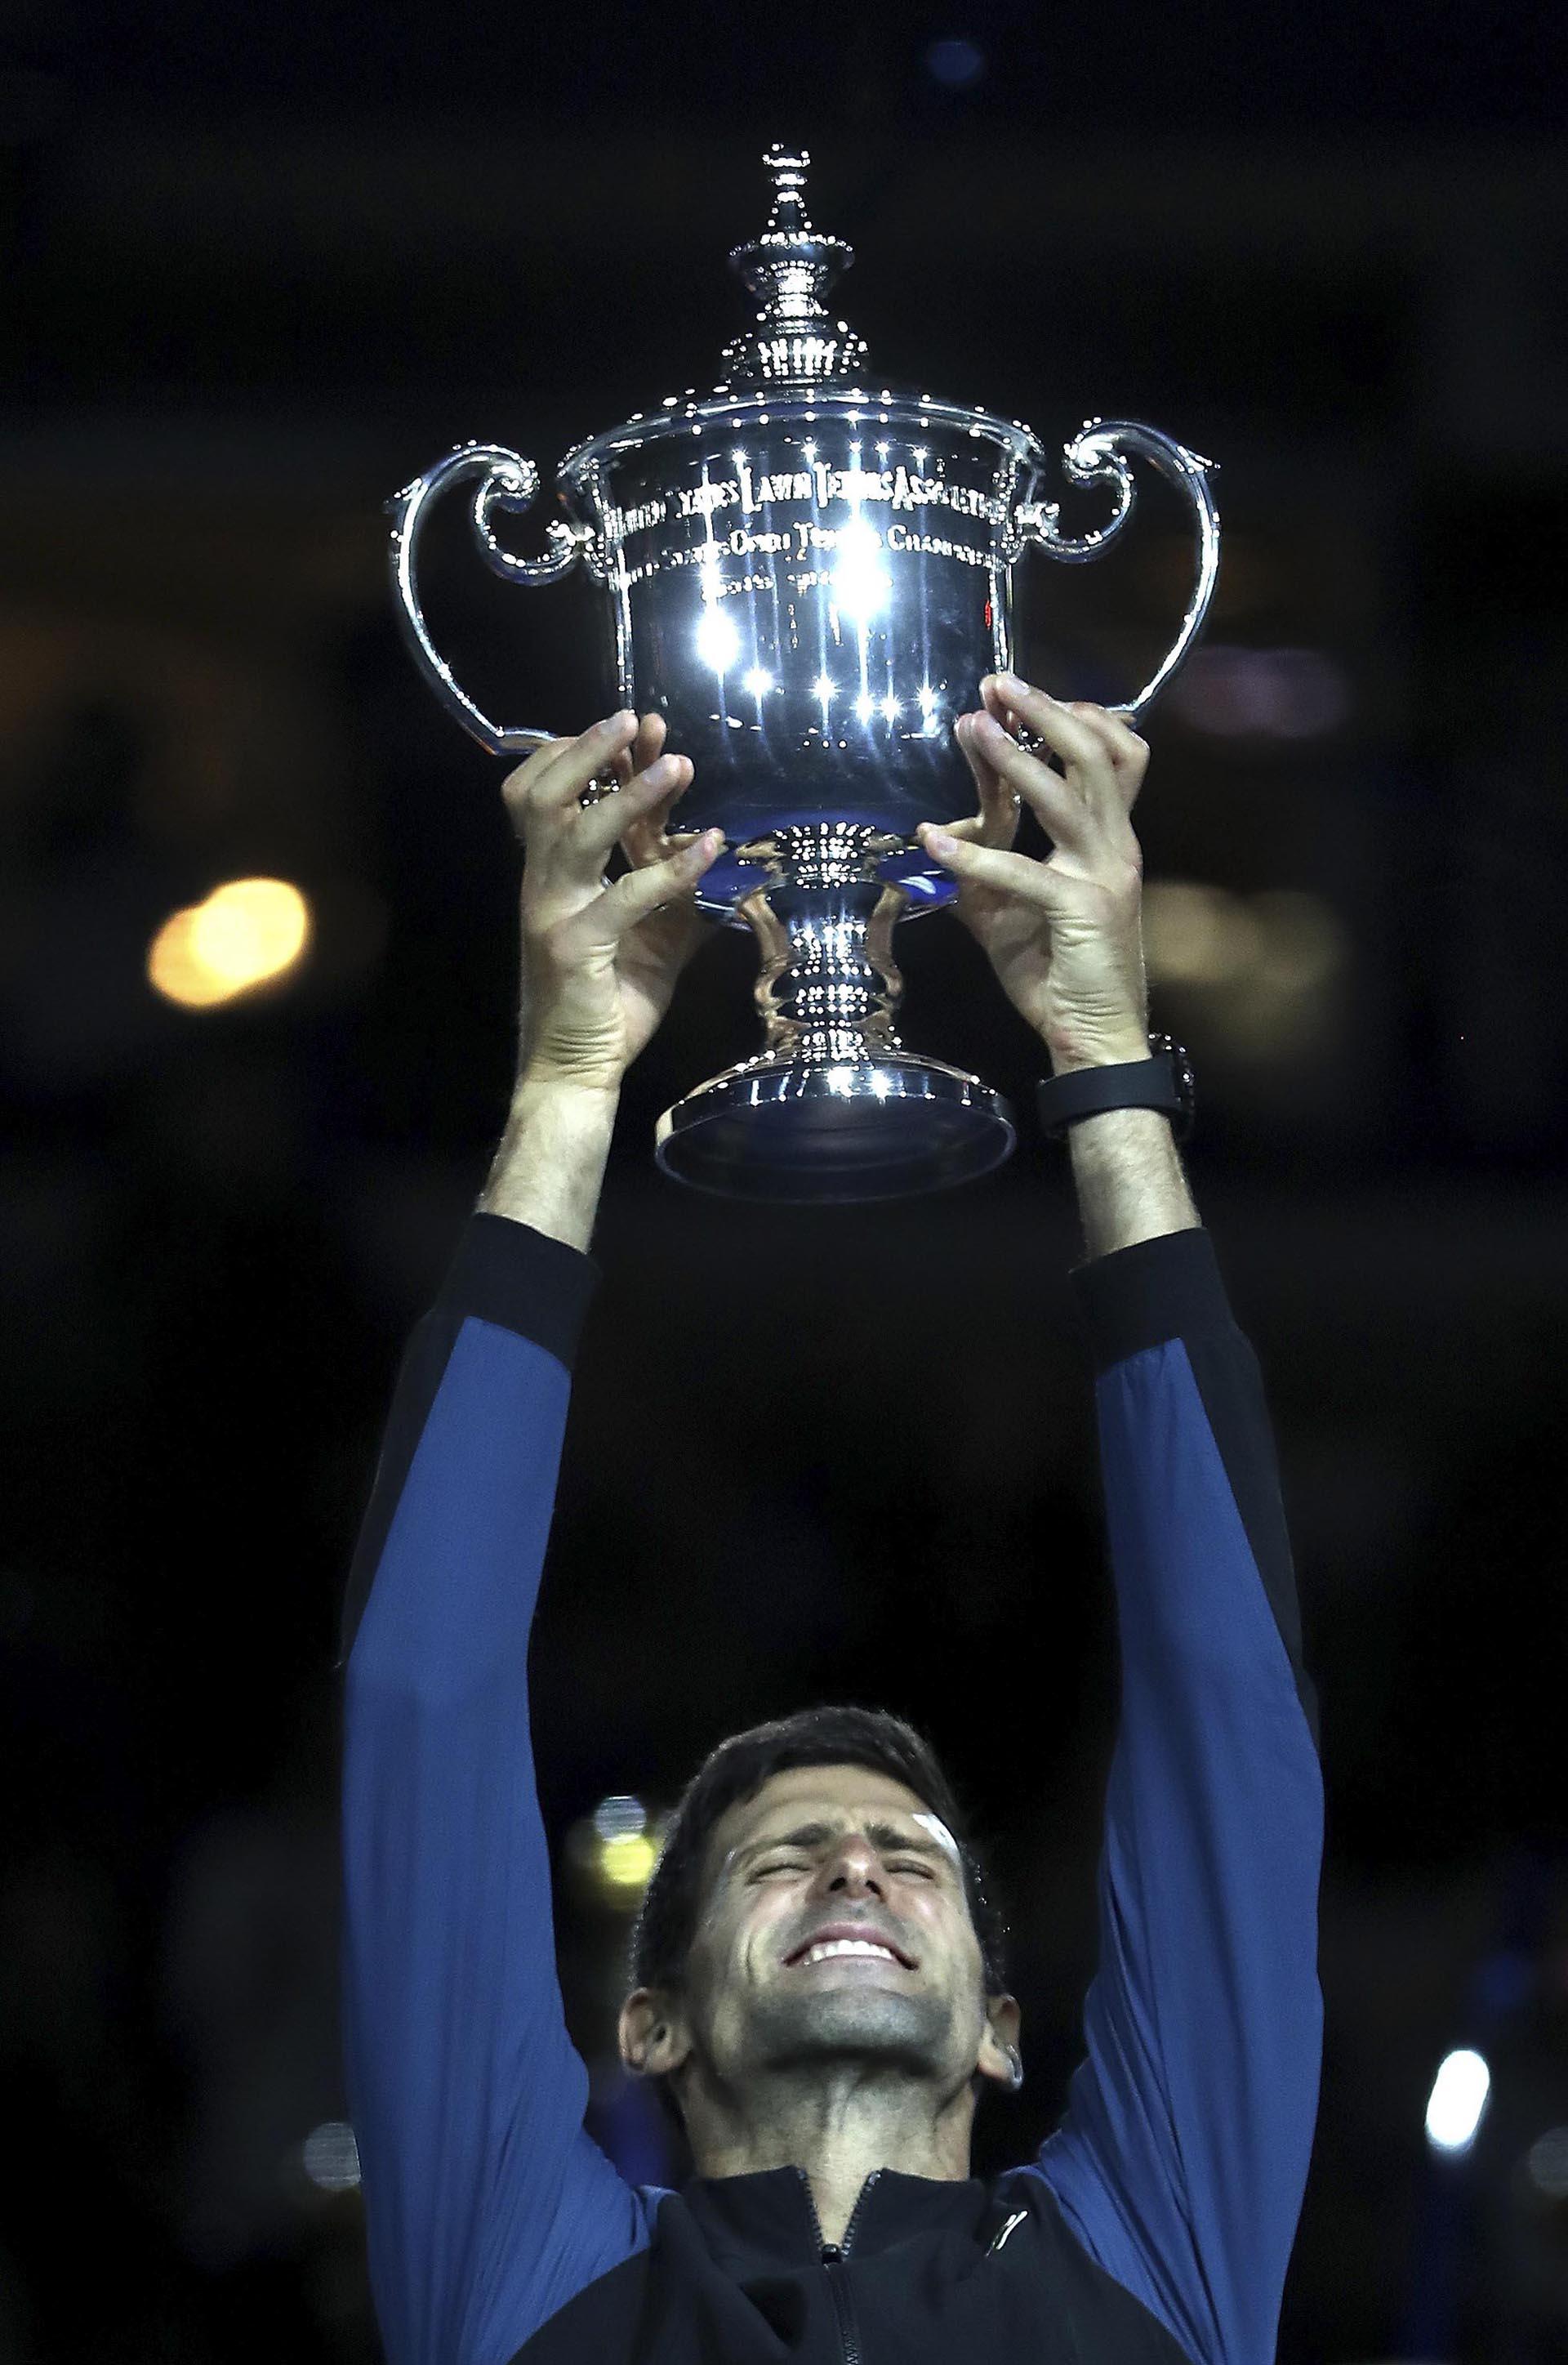 El tenista serbio Novak Djokovic venció al argentino Juan Martín del Potro y ganó su tercer US Open el 9 de septiembre